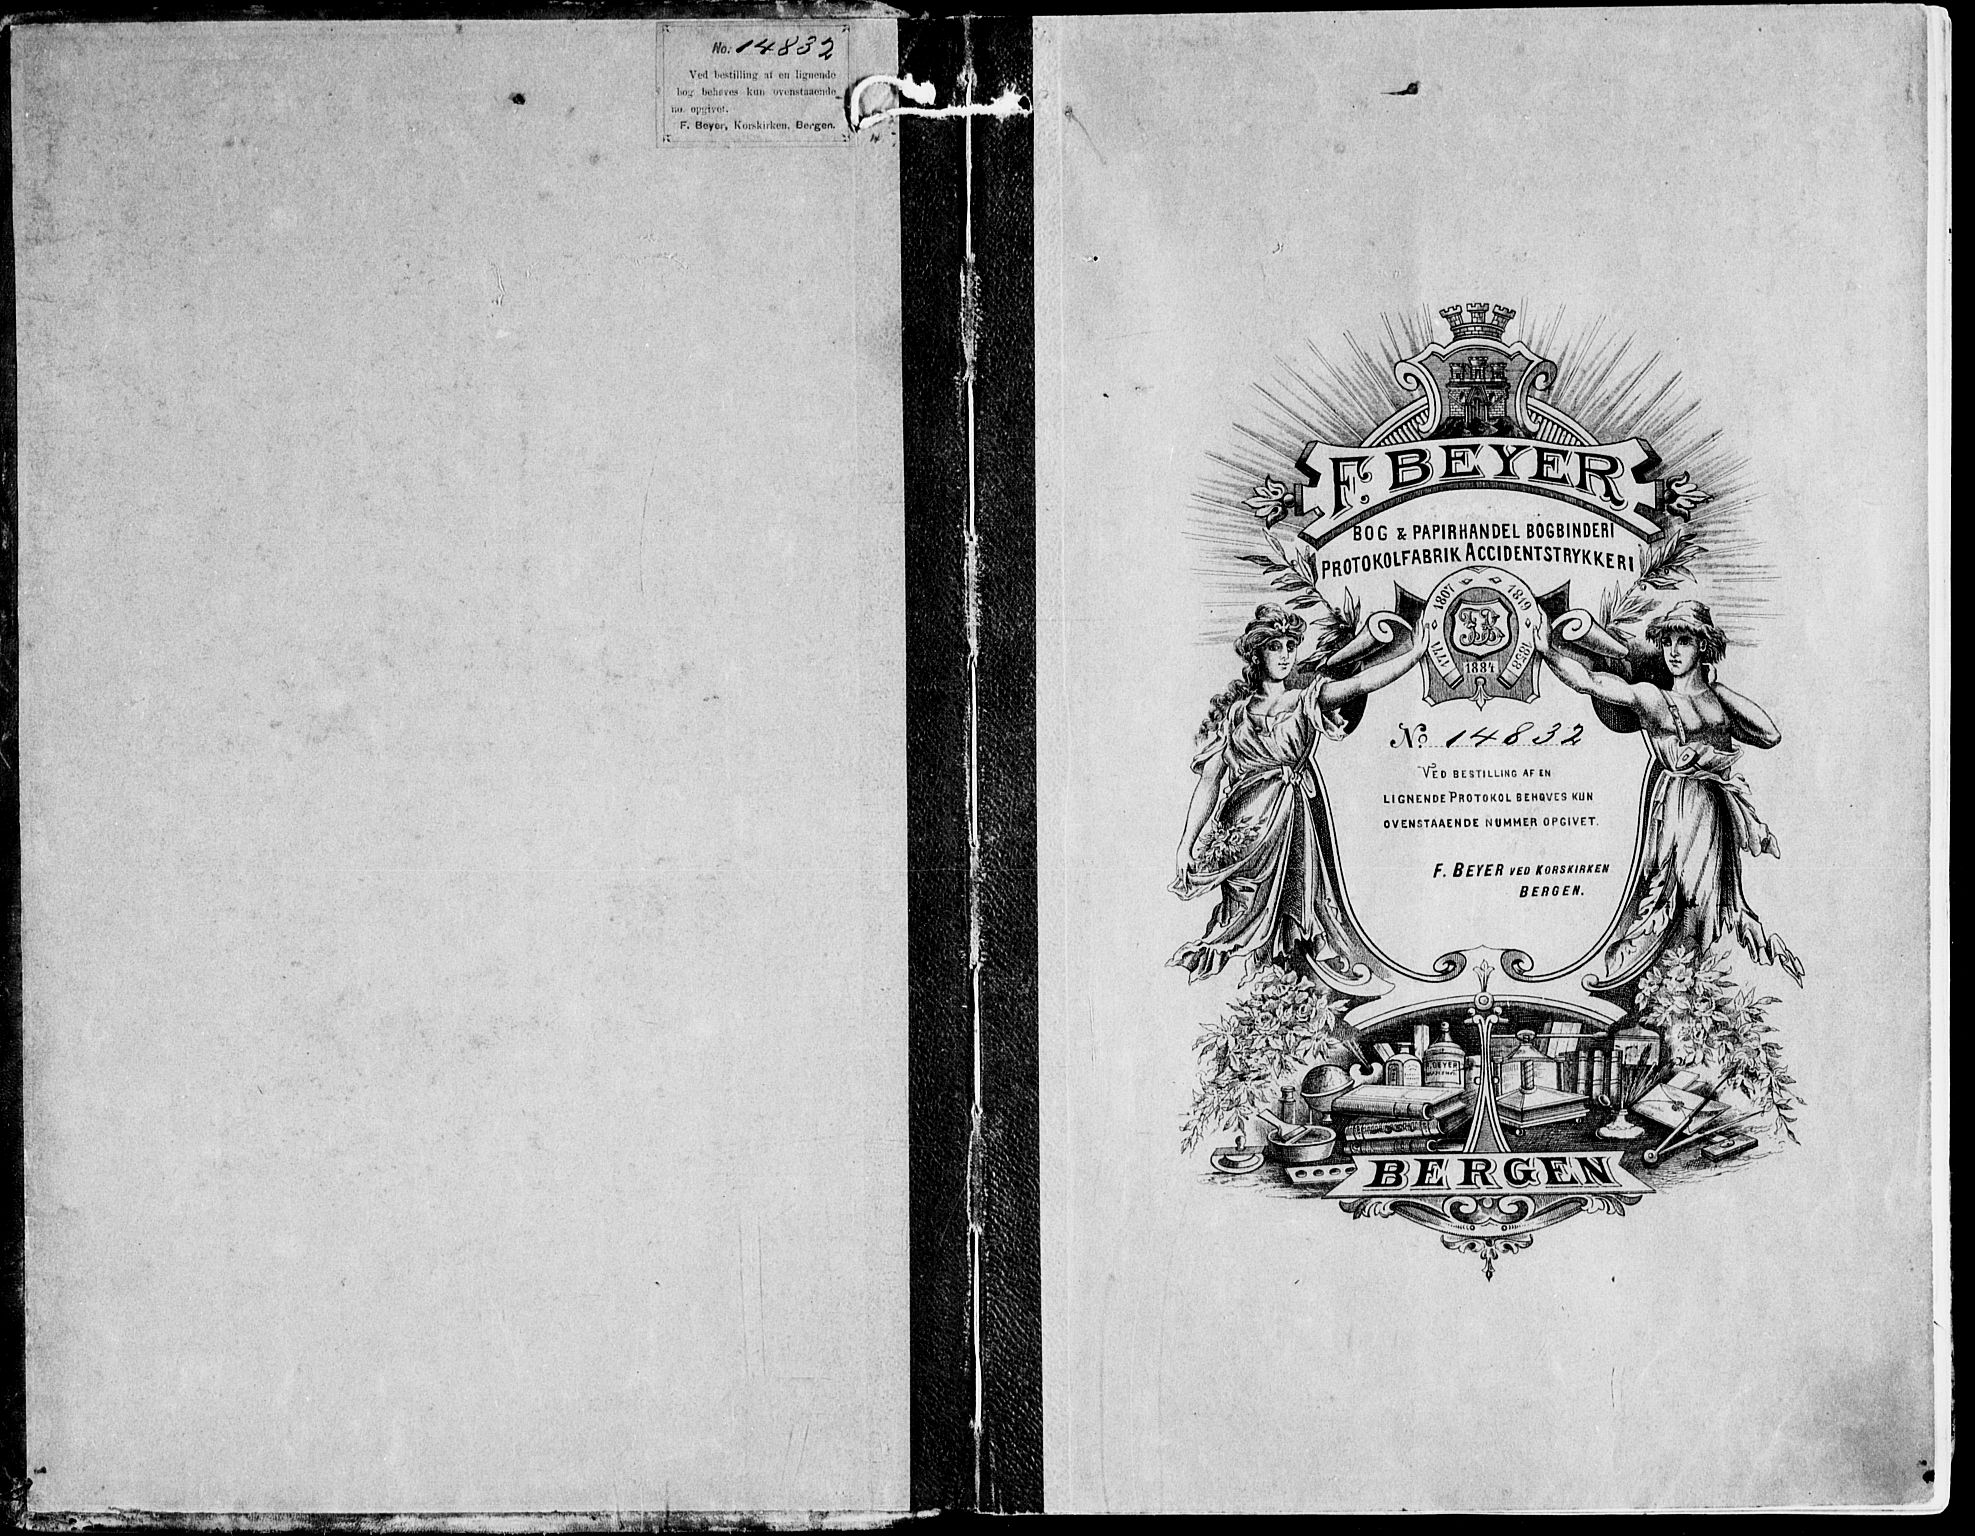 SAT, Ministerialprotokoller, klokkerbøker og fødselsregistre - Nord-Trøndelag, 788/L0698: Ministerialbok nr. 788A05, 1902-1921